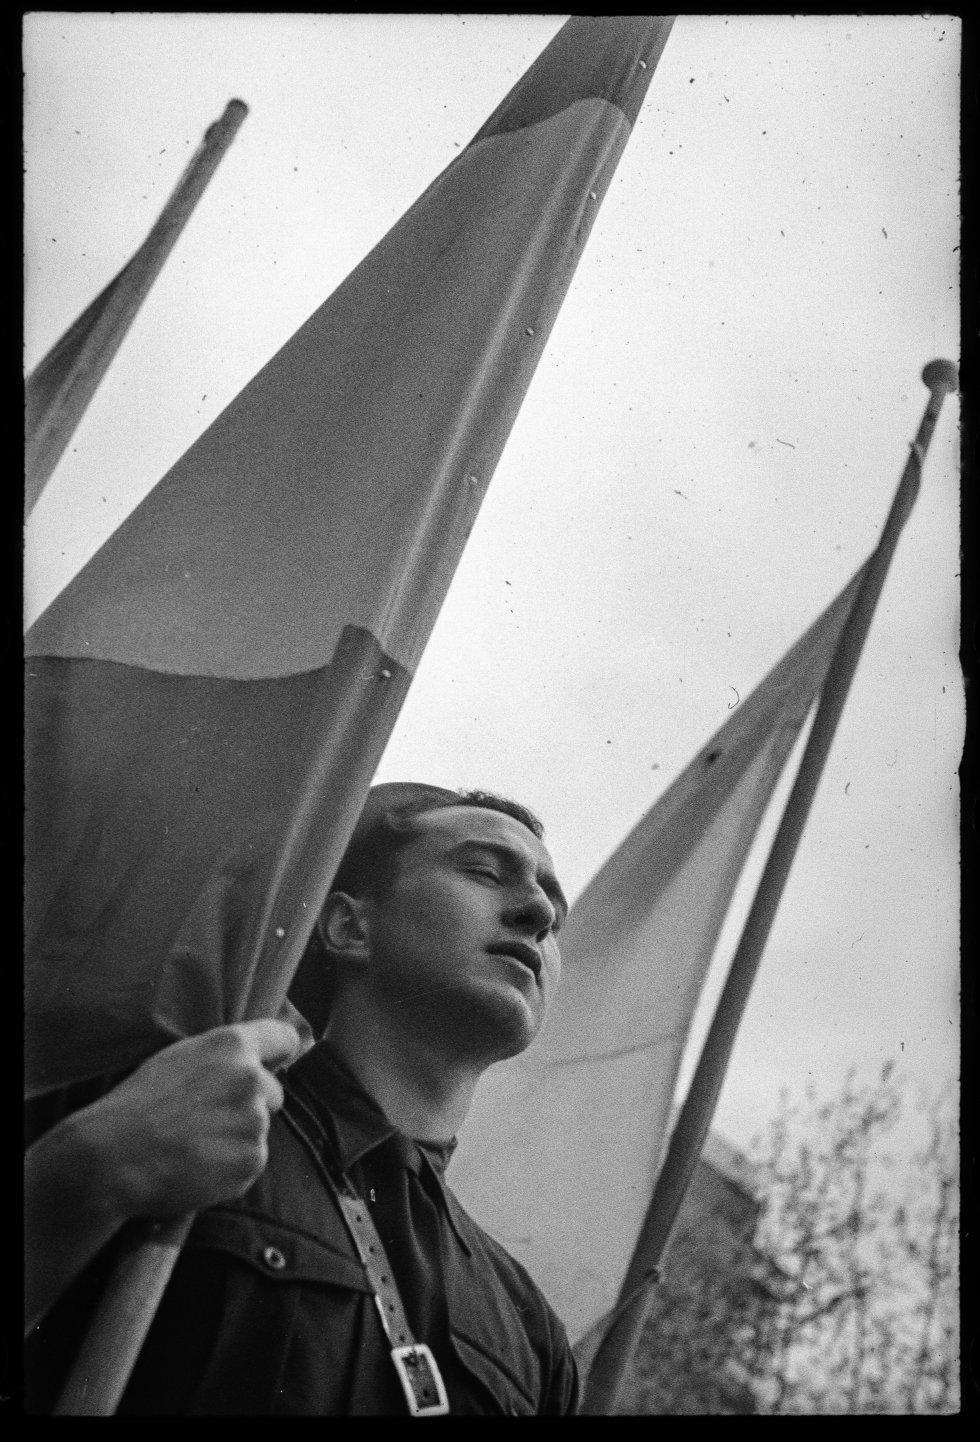 Un joven falangista sostiene una bandera española en el Festival de FET-JONS en homenaje al ministro de Exteriores italiano, Galeazzo Ciano, Barcelona, 11 de julio de 1939